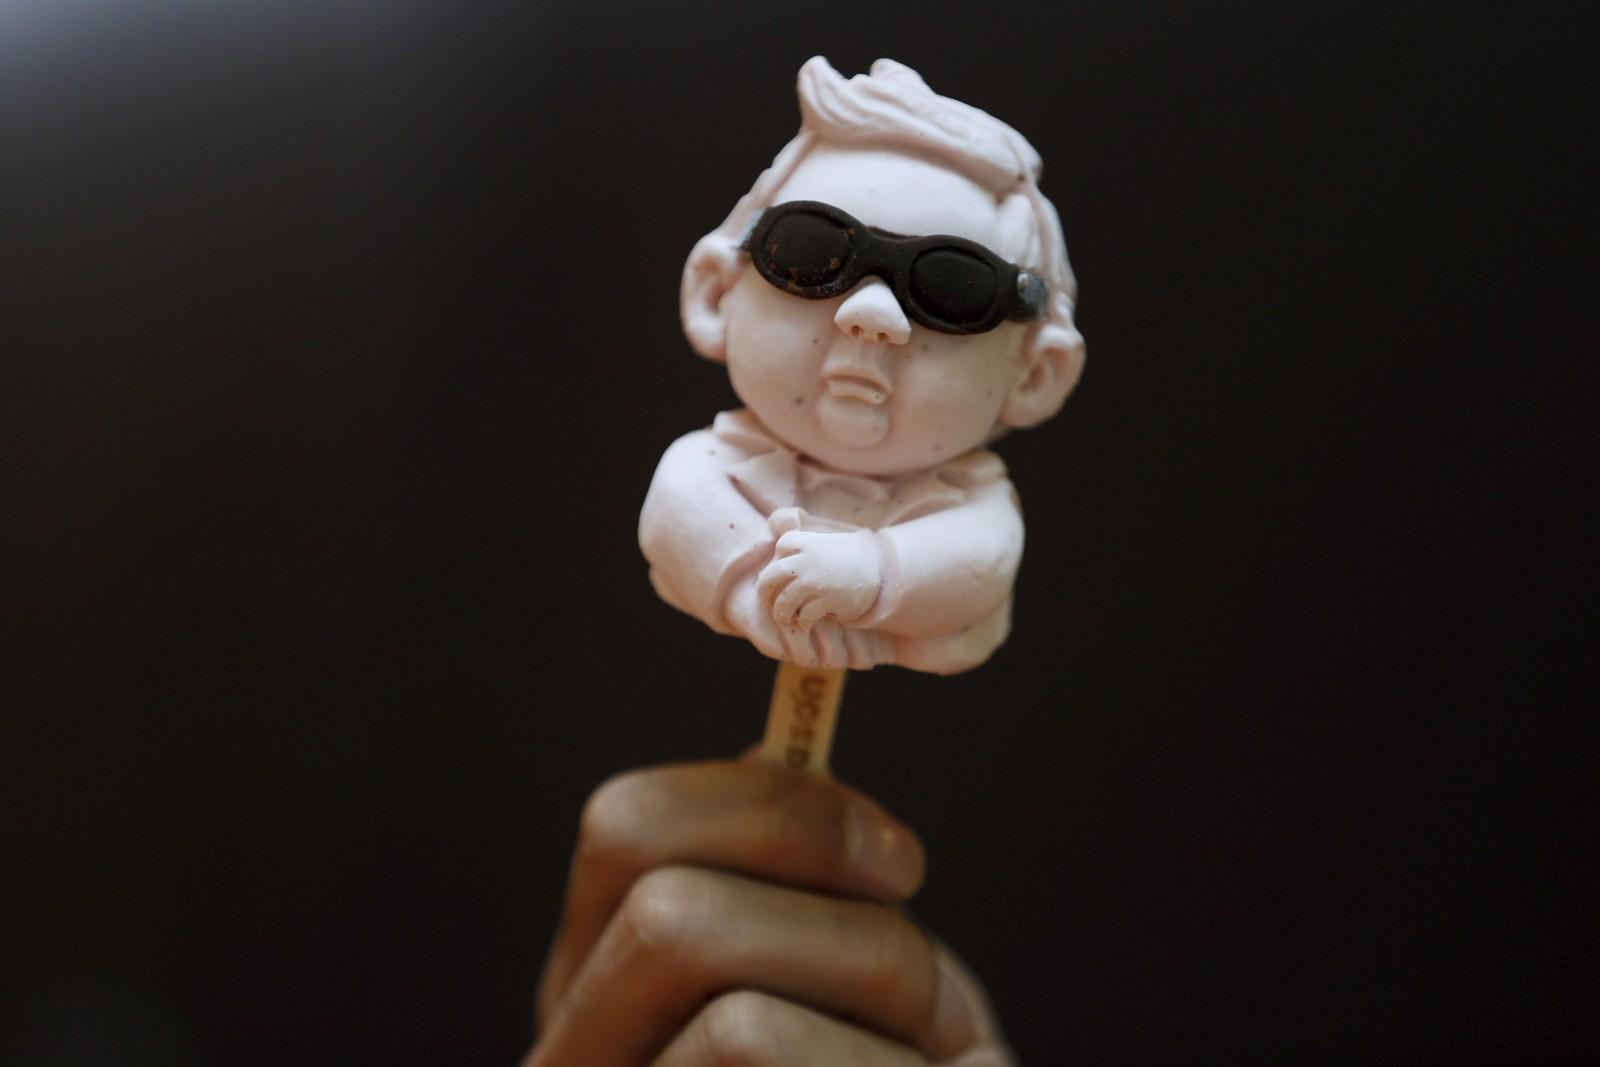 En 3D-printet ispinne formet som Nord-Koreas leder Kim Jong-un. Iskremen er laget ved iskrembutikken Iceason i Shanghai i Kina og kalles Sanpang, som er et kinesisk kallenavn for den nordkoreanske lederen.